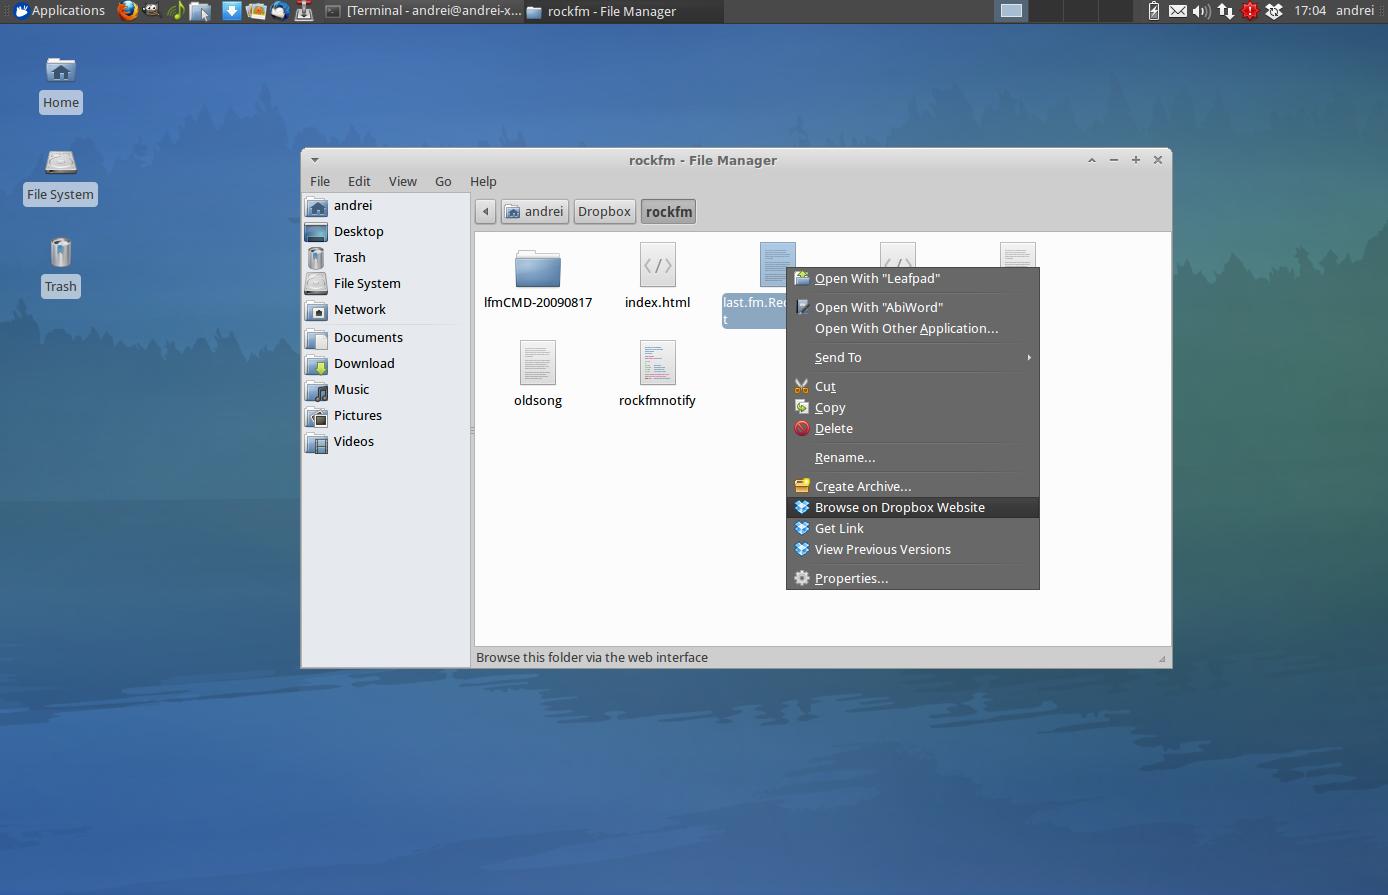 Linux mint русская версия бесплатно скачать и установить на.